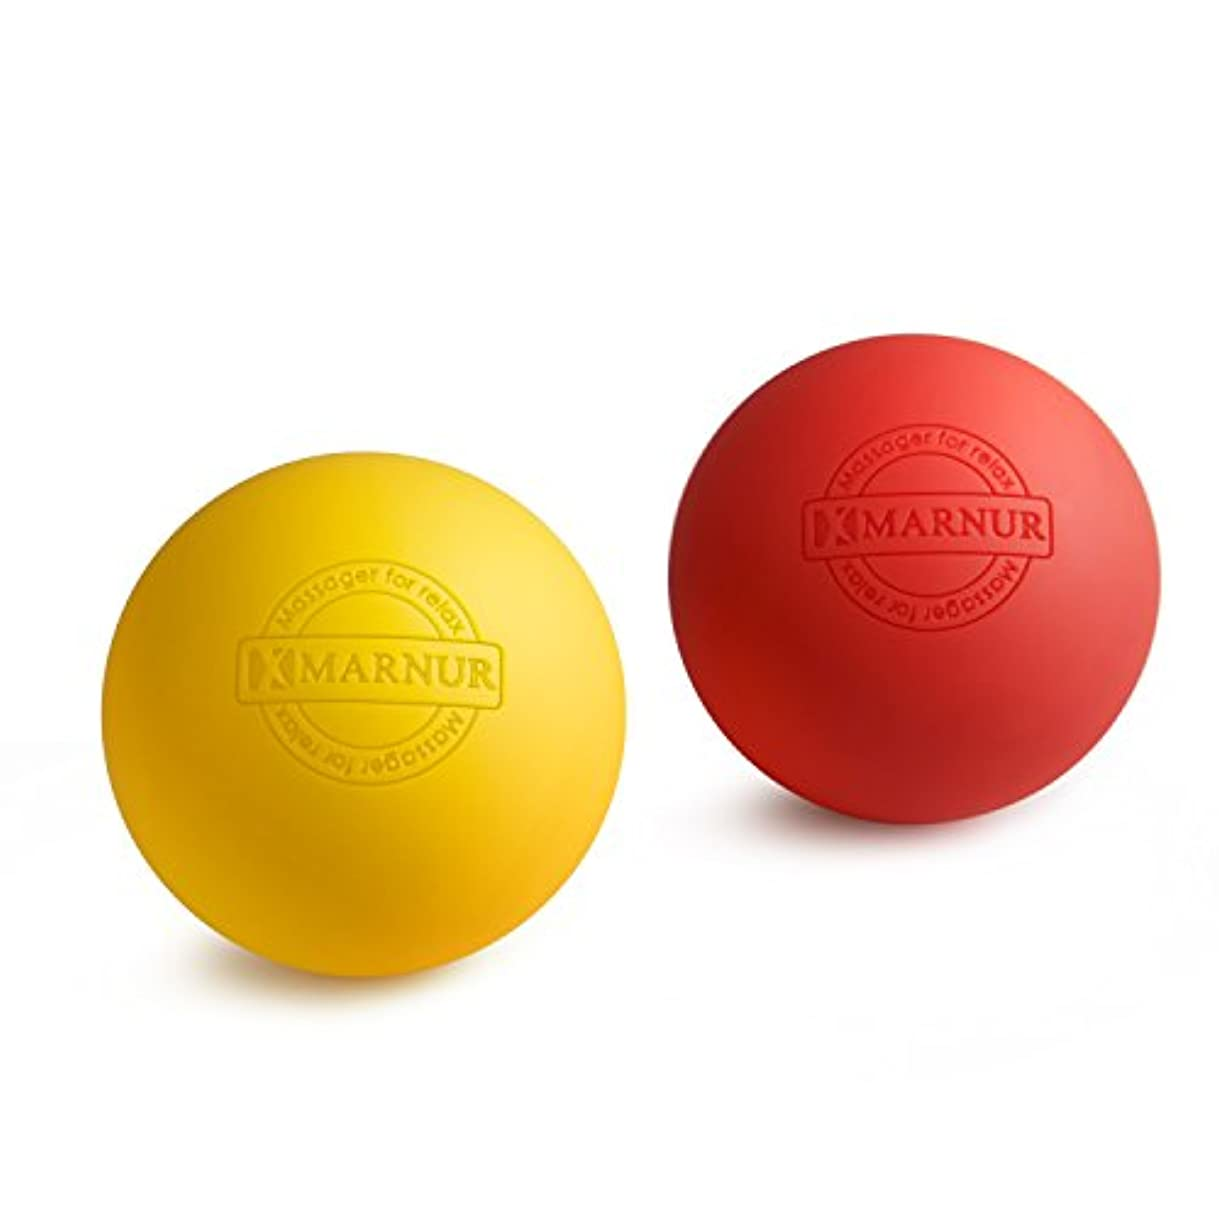 消えるピッチャー油MARNUR マッサージボール ストレッチボール トリガーポイント 筋膜リリース トレーニング 背中 肩こり 腰 ふくらはぎ 足裏 ツボ押しグッズ 2で1組み合わせ